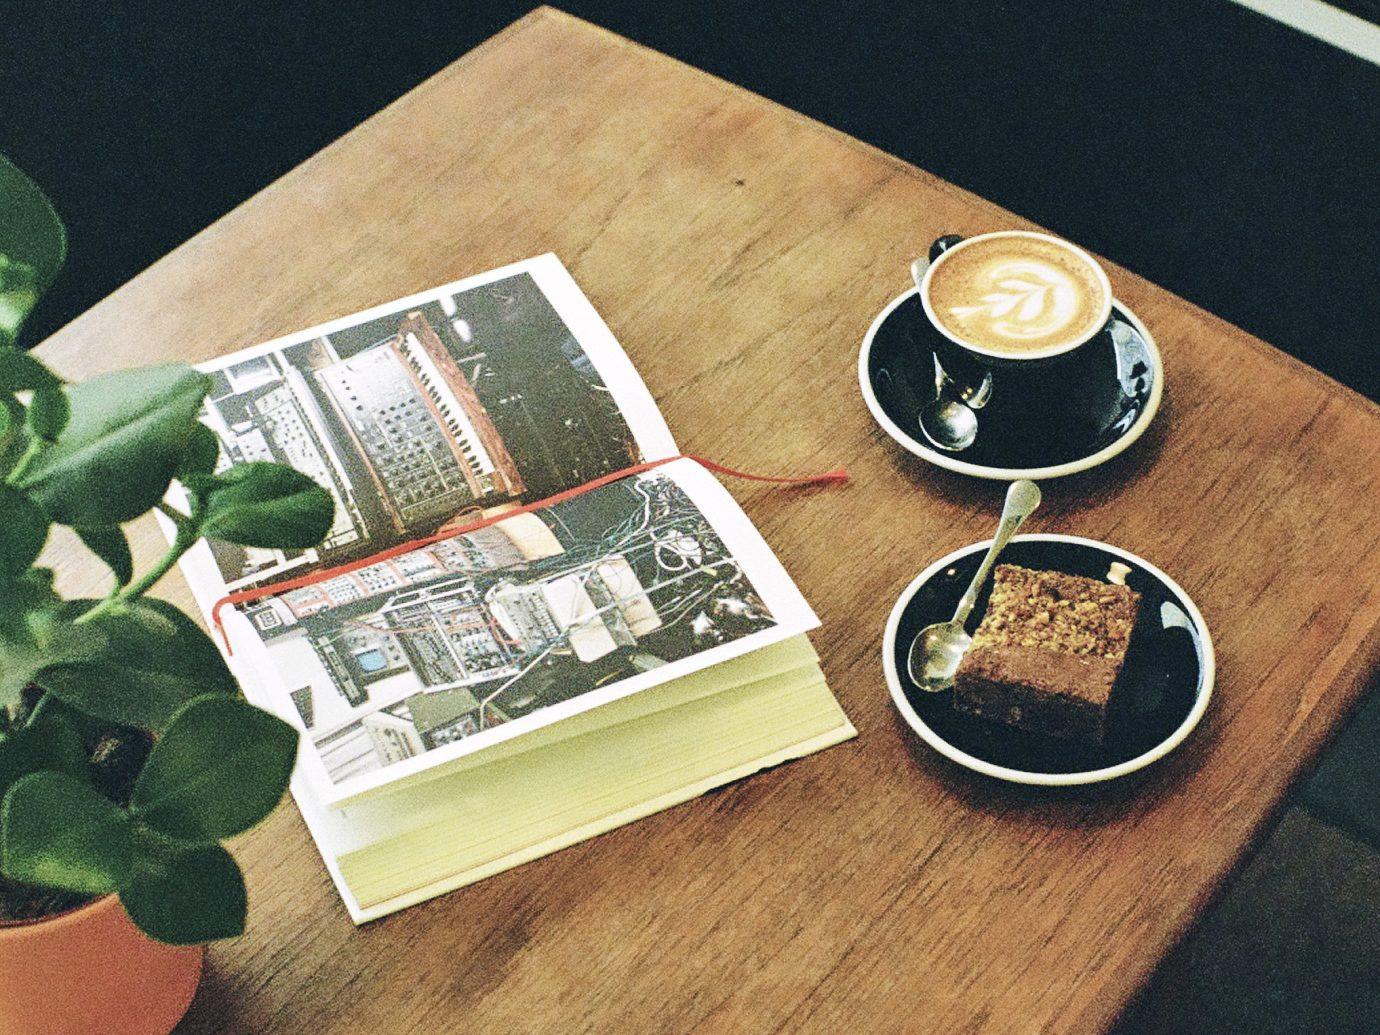 Food + Drink Offbeat Travel Trends table indoor flooring floor wood font hardwood